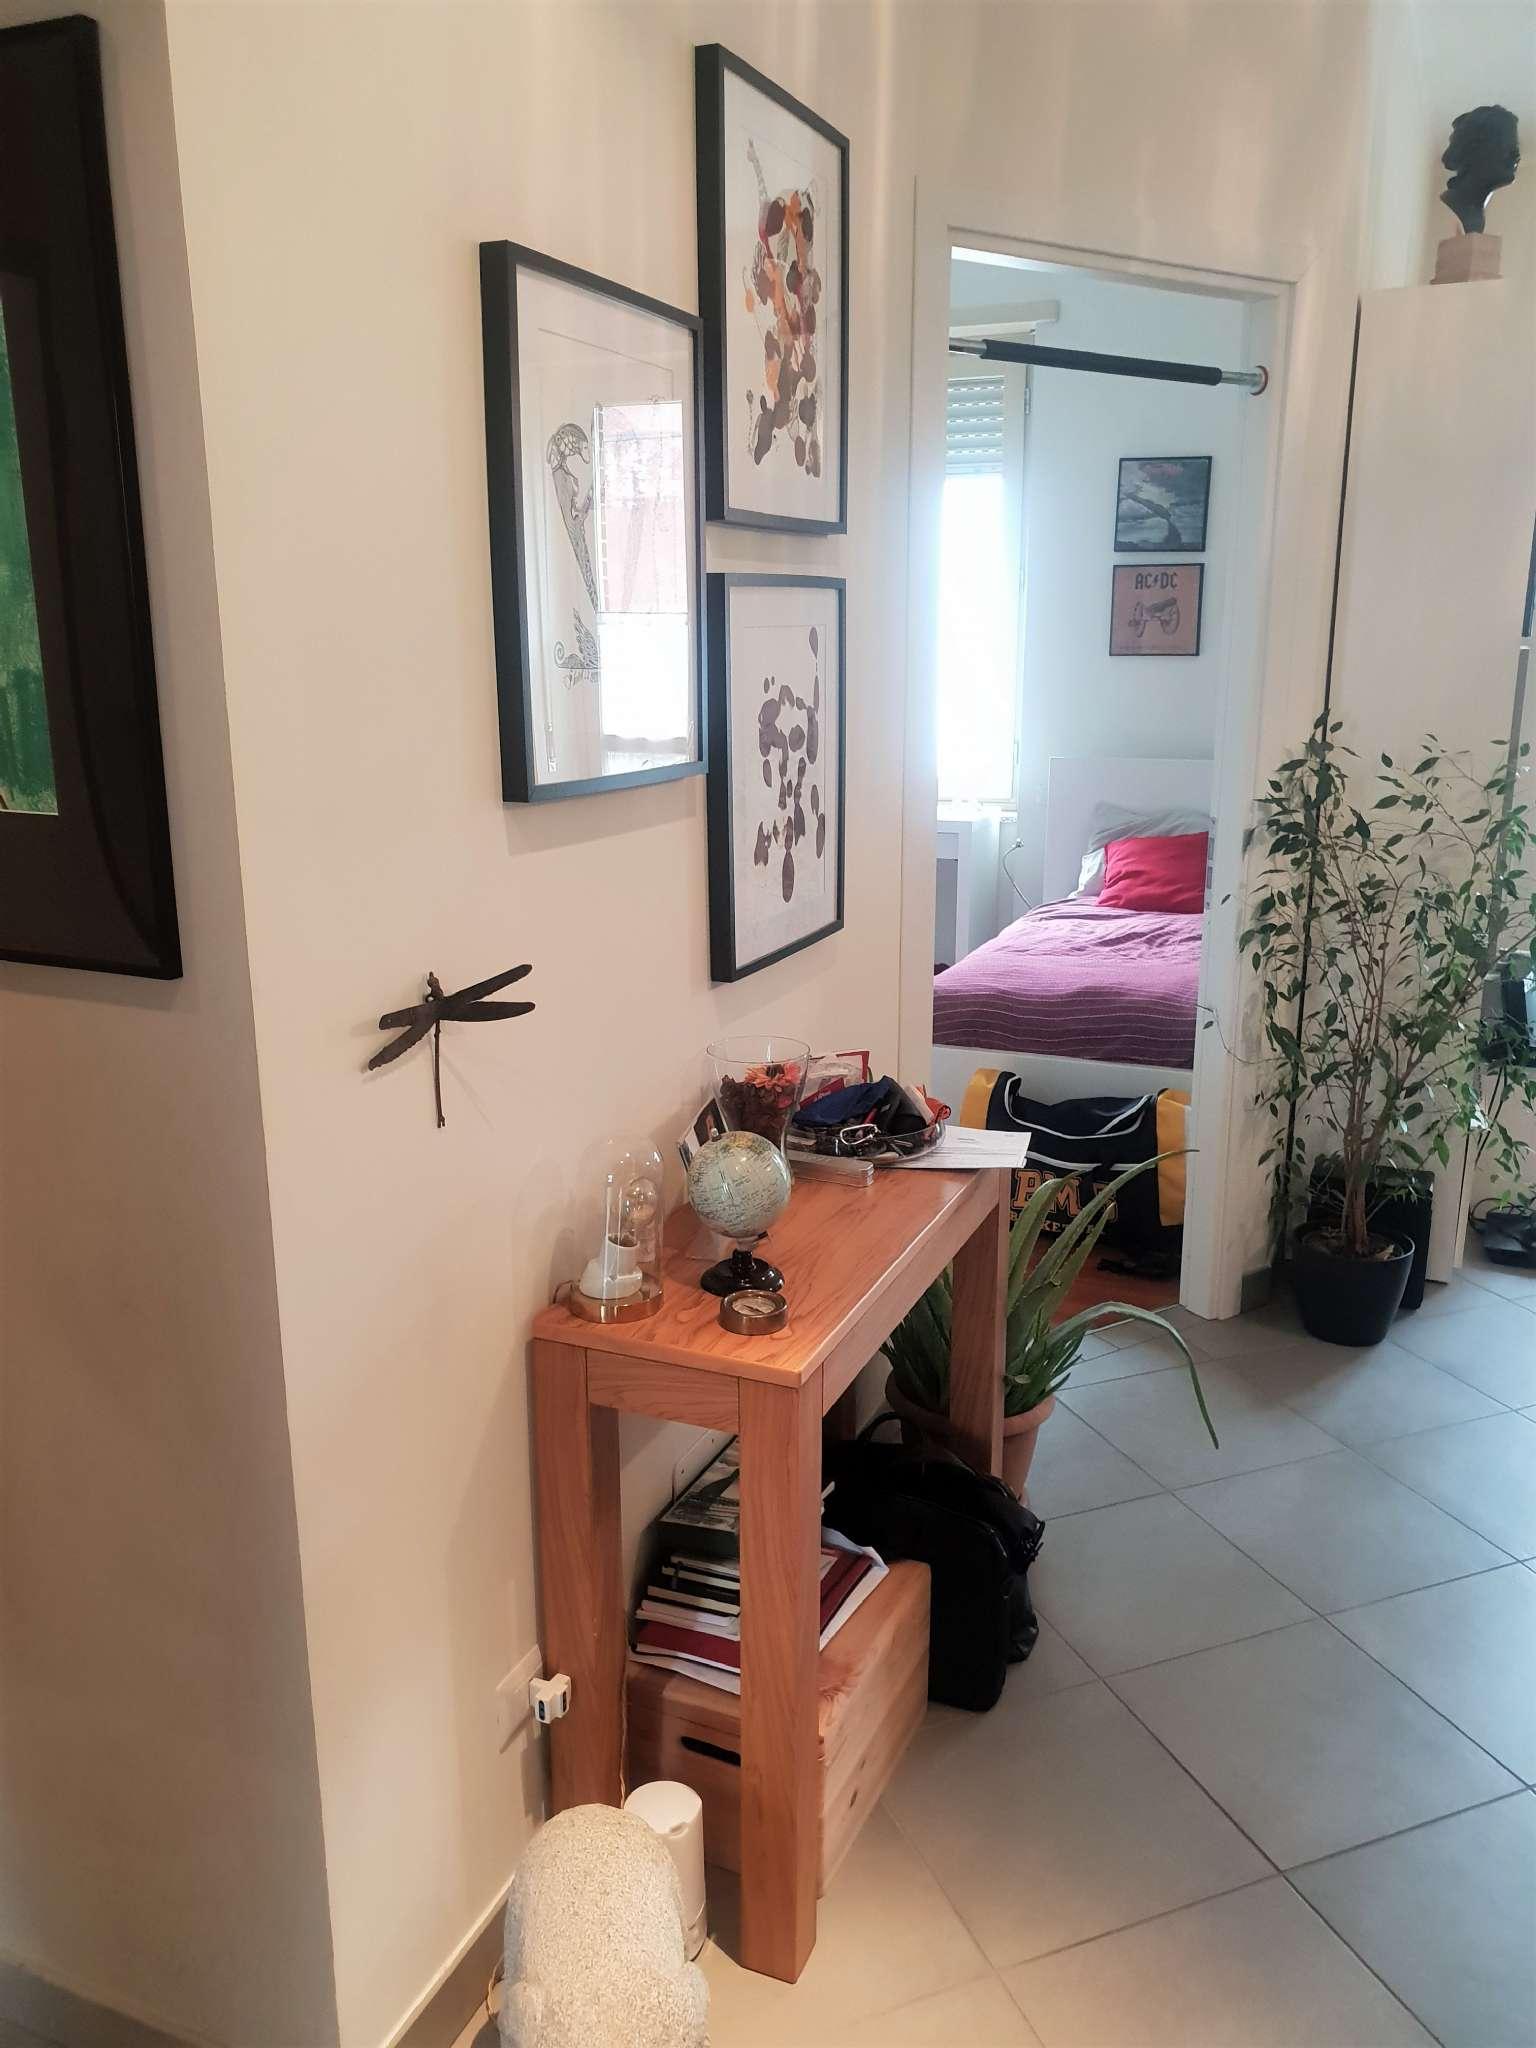 Torino Torino Affitto APPARTAMENTO » cerco casa in affitto a torino